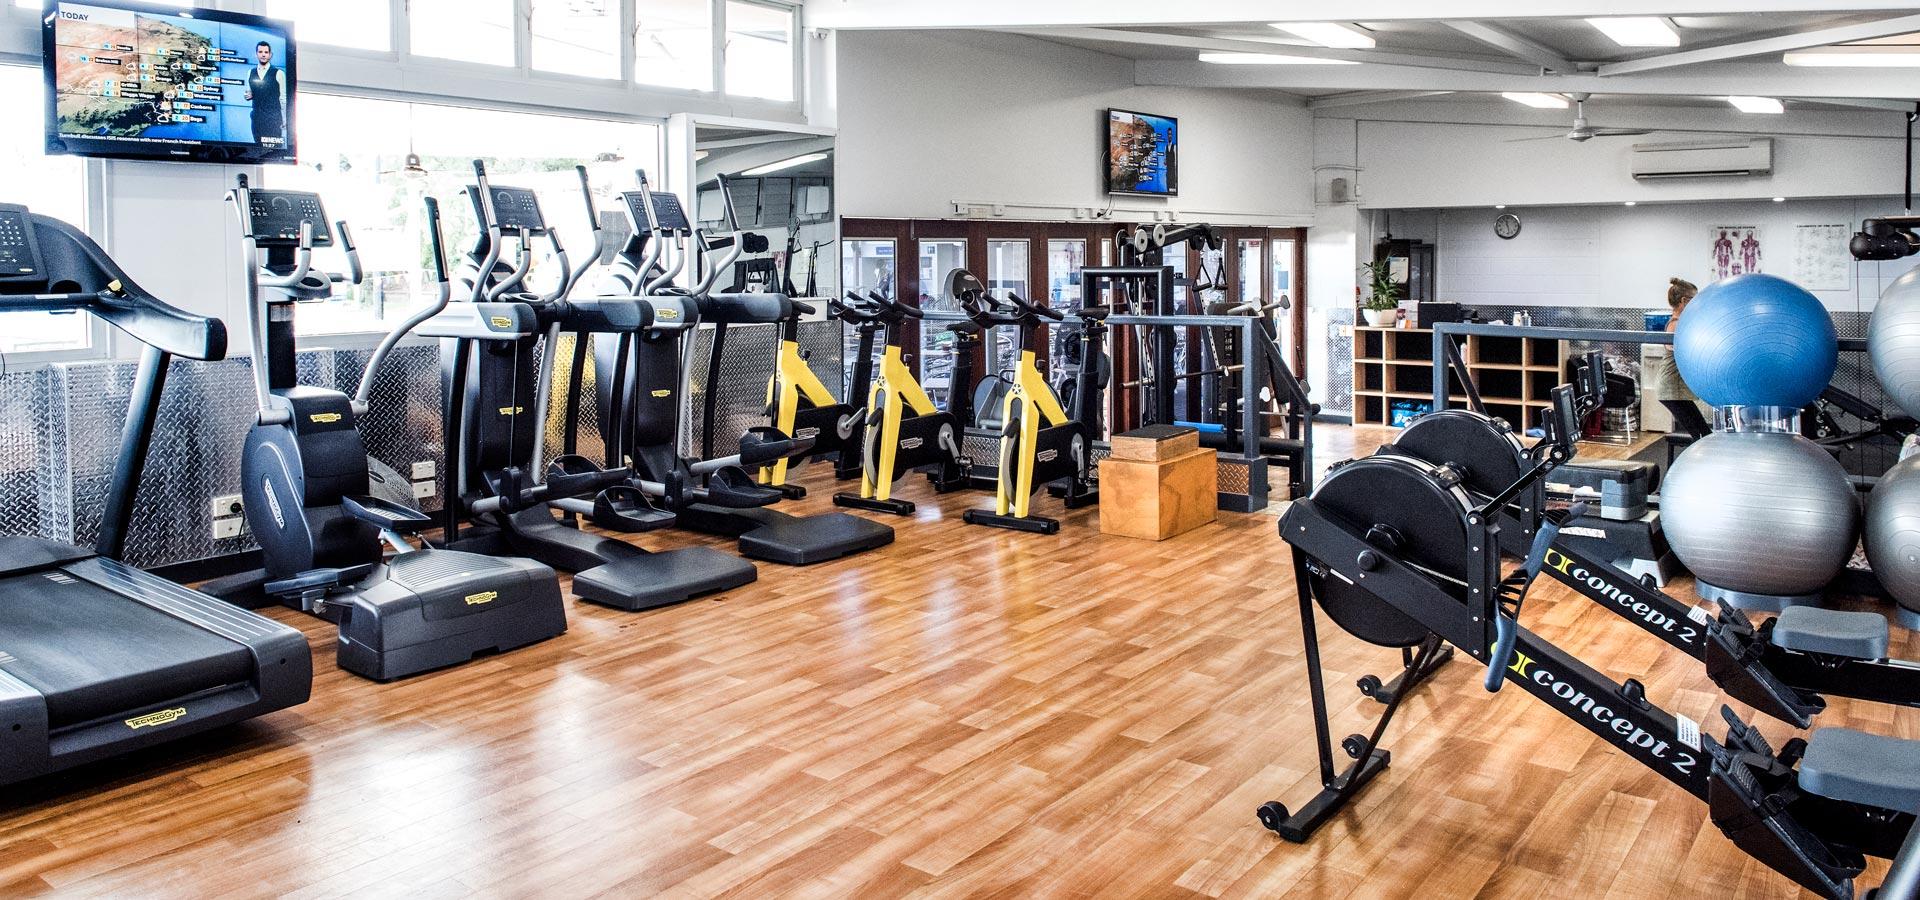 Noosa-Aquatic-Gym